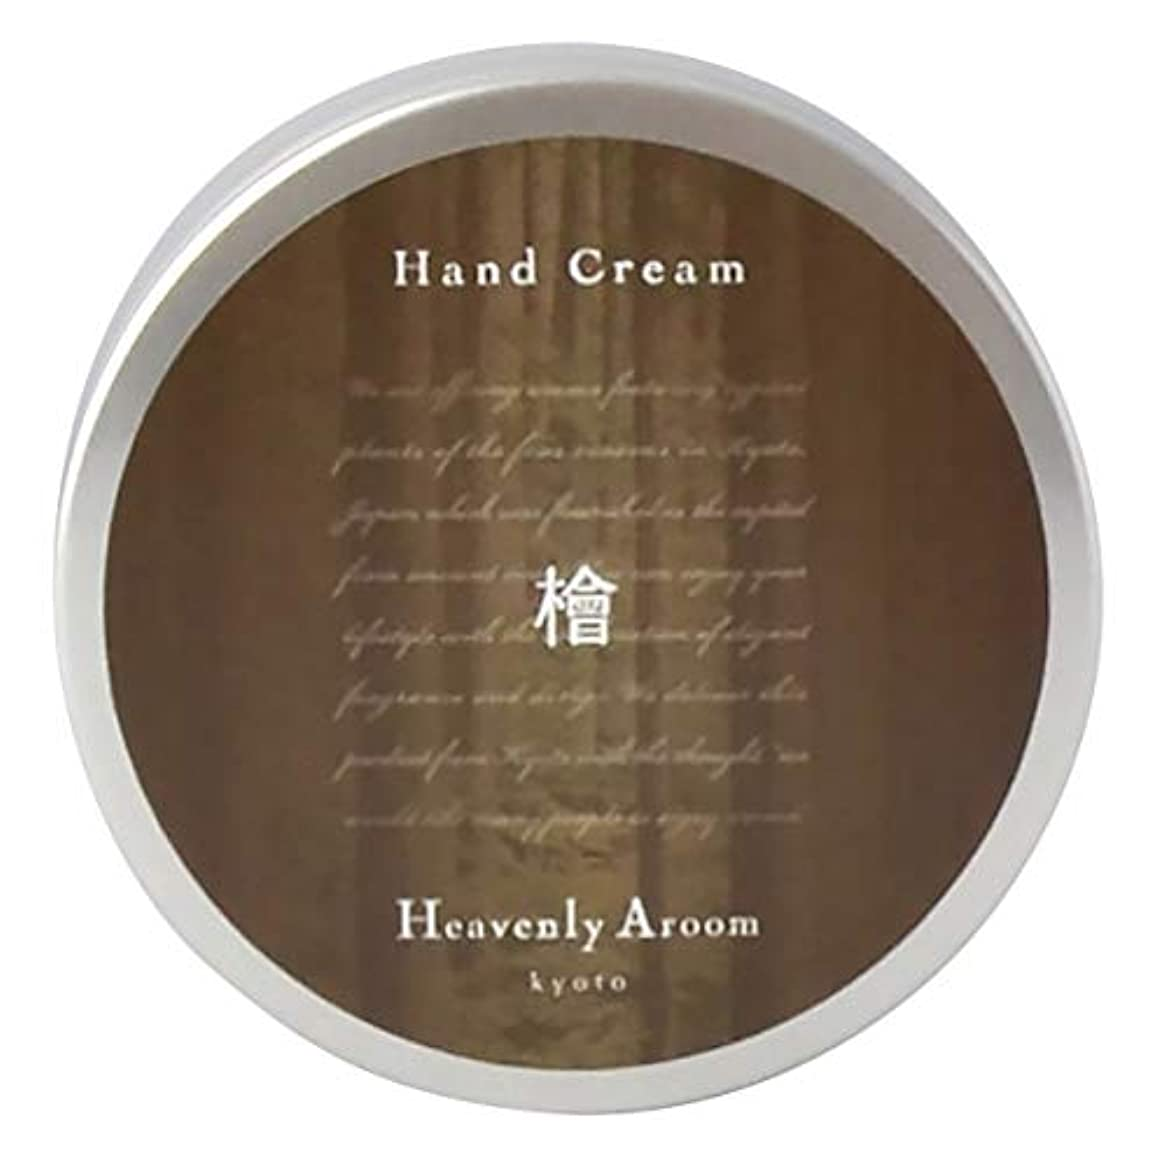 皮刺激するスムーズにHeavenly Aroom ハンドクリーム 檜 30g